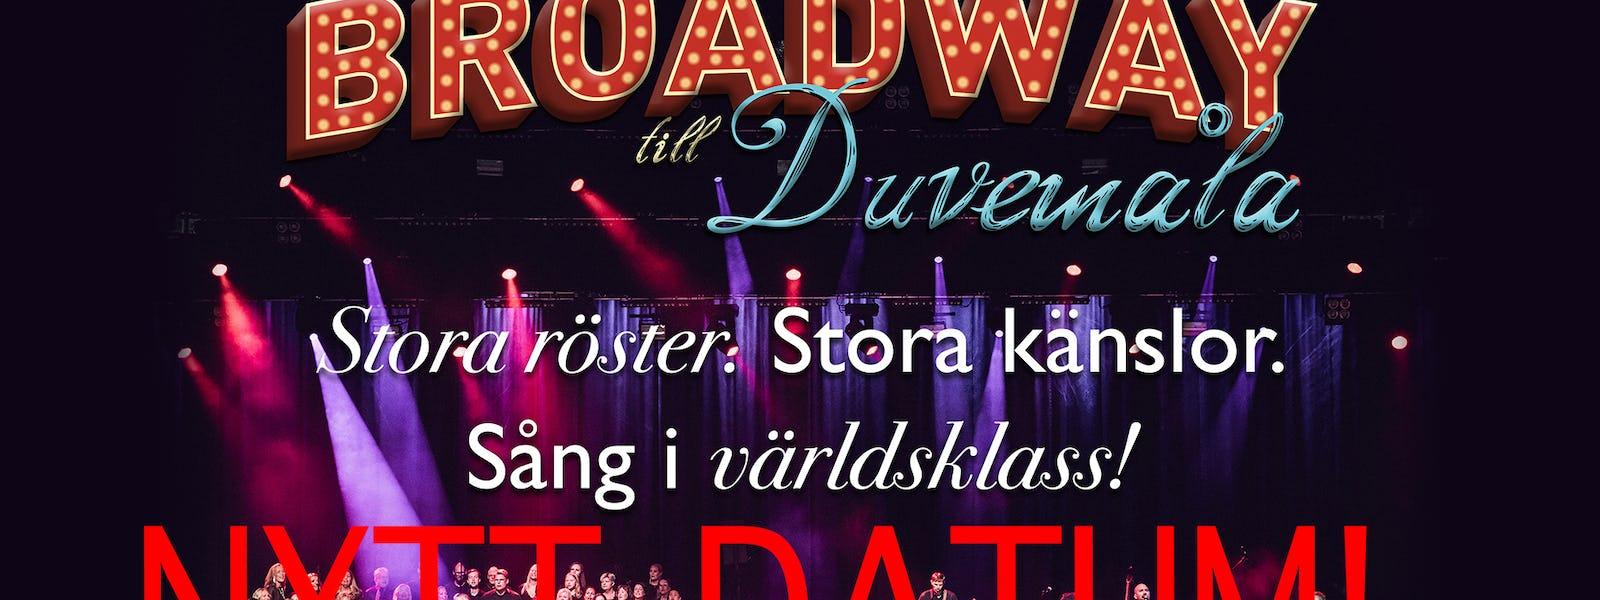 Bild - Från Broadway till Duvemåla, kl. 19.30 | FRAMFLYTTAD